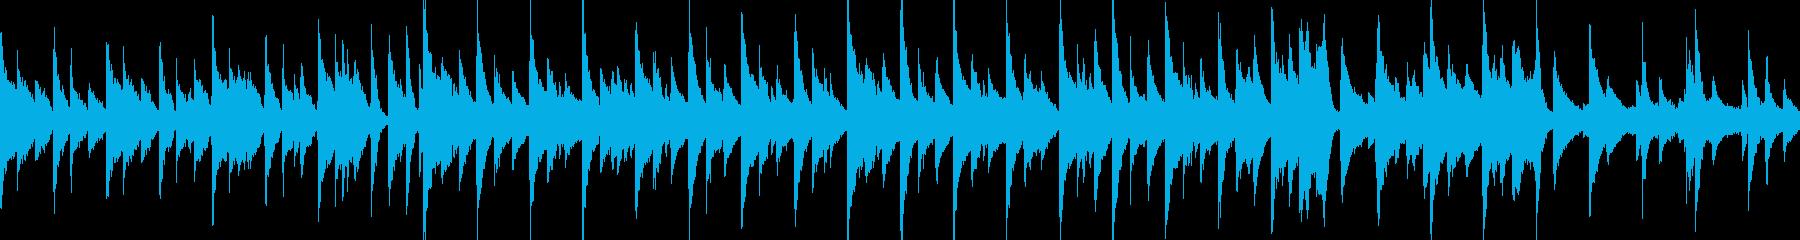 黄昏のまったり雰囲気なジャズワルツピアノの再生済みの波形